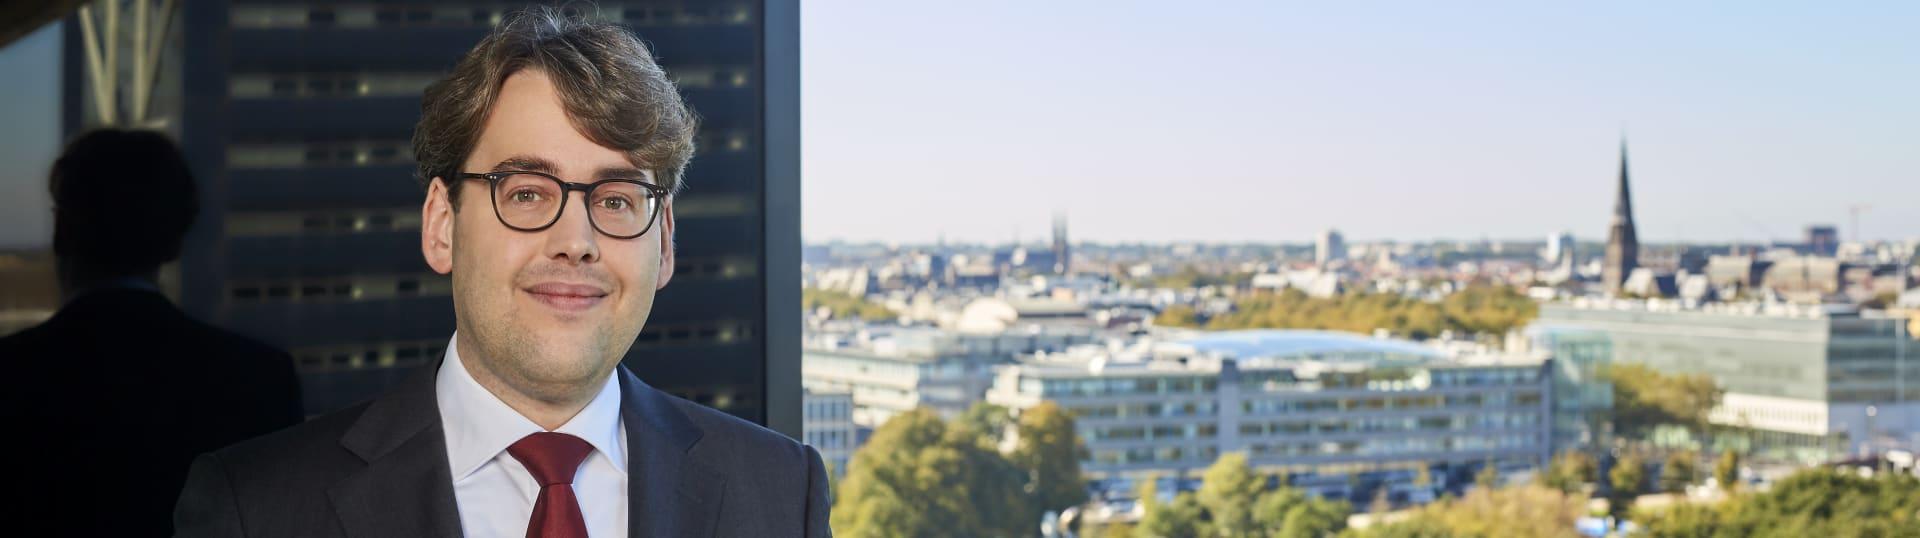 Maarten Jansen, advocaat Pels Rijcken